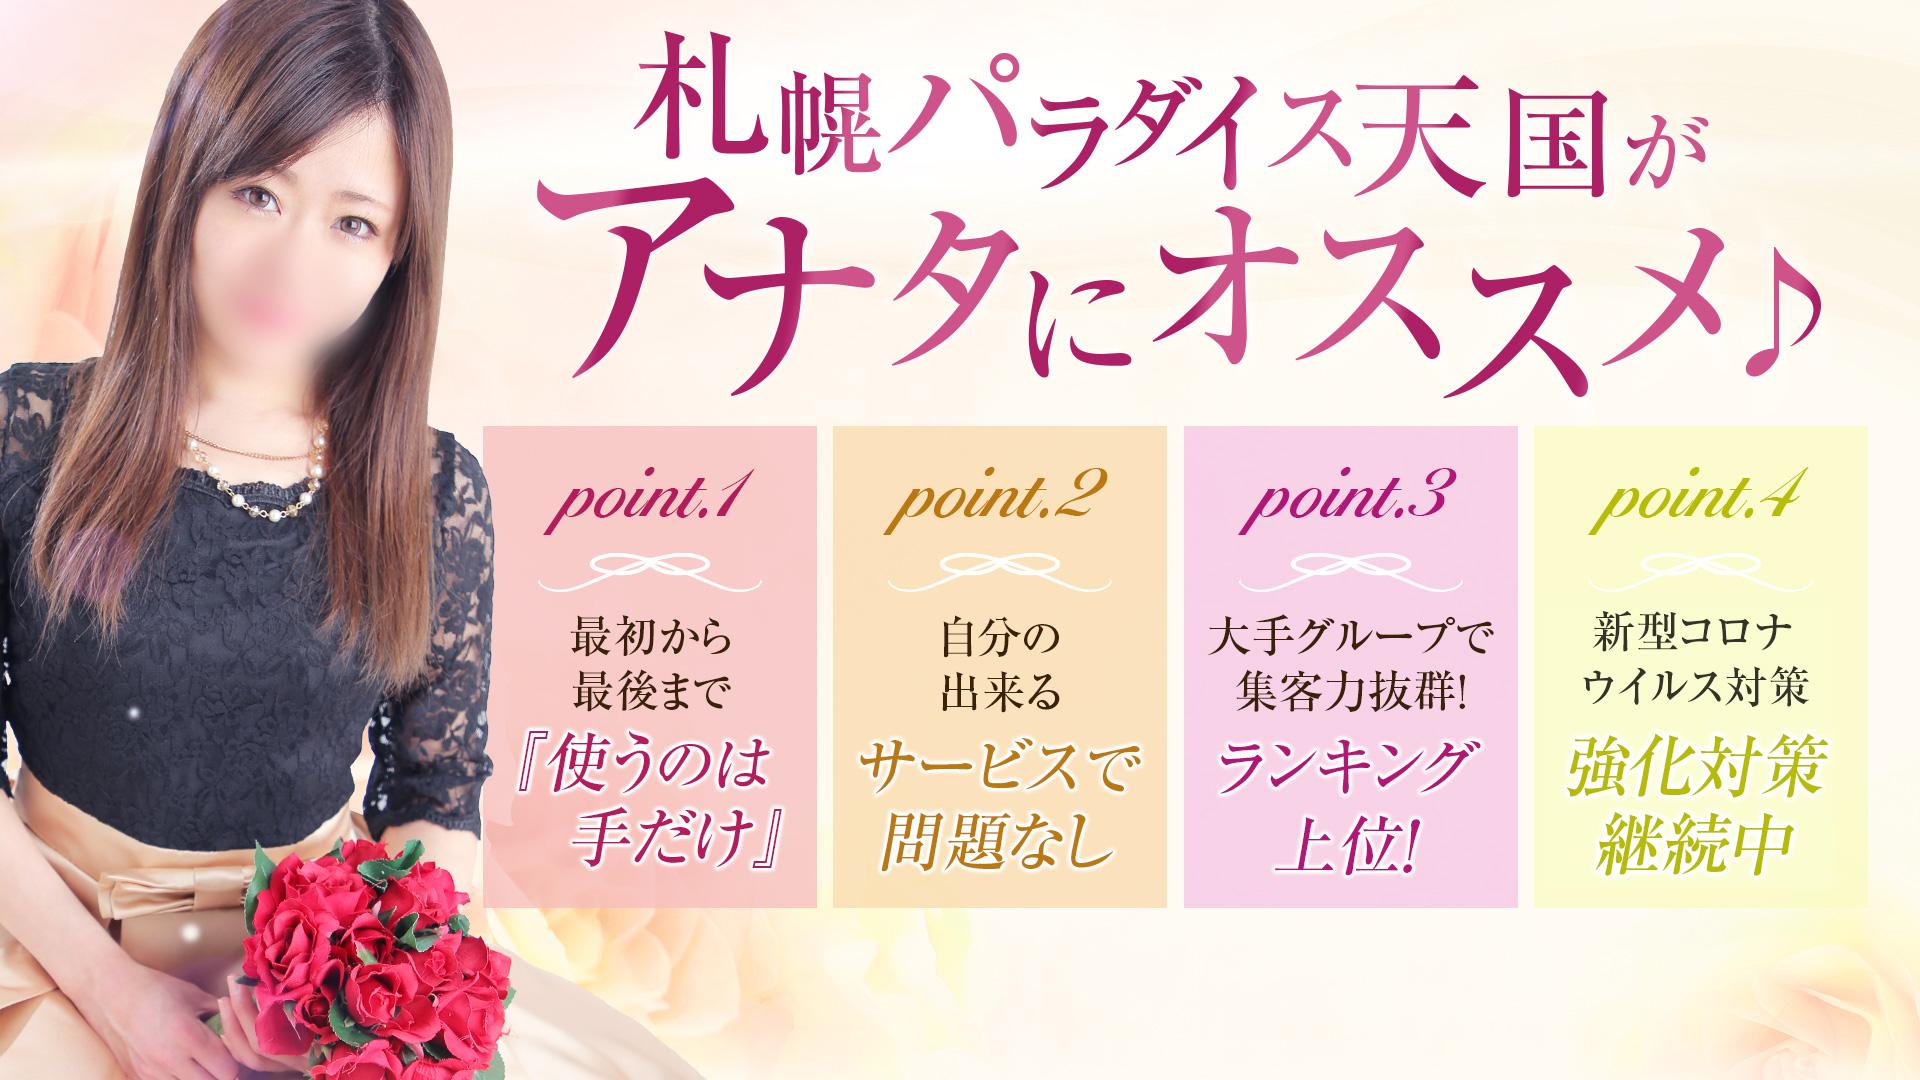 札幌パラダイス天国(札幌ハレ系)の求人画像